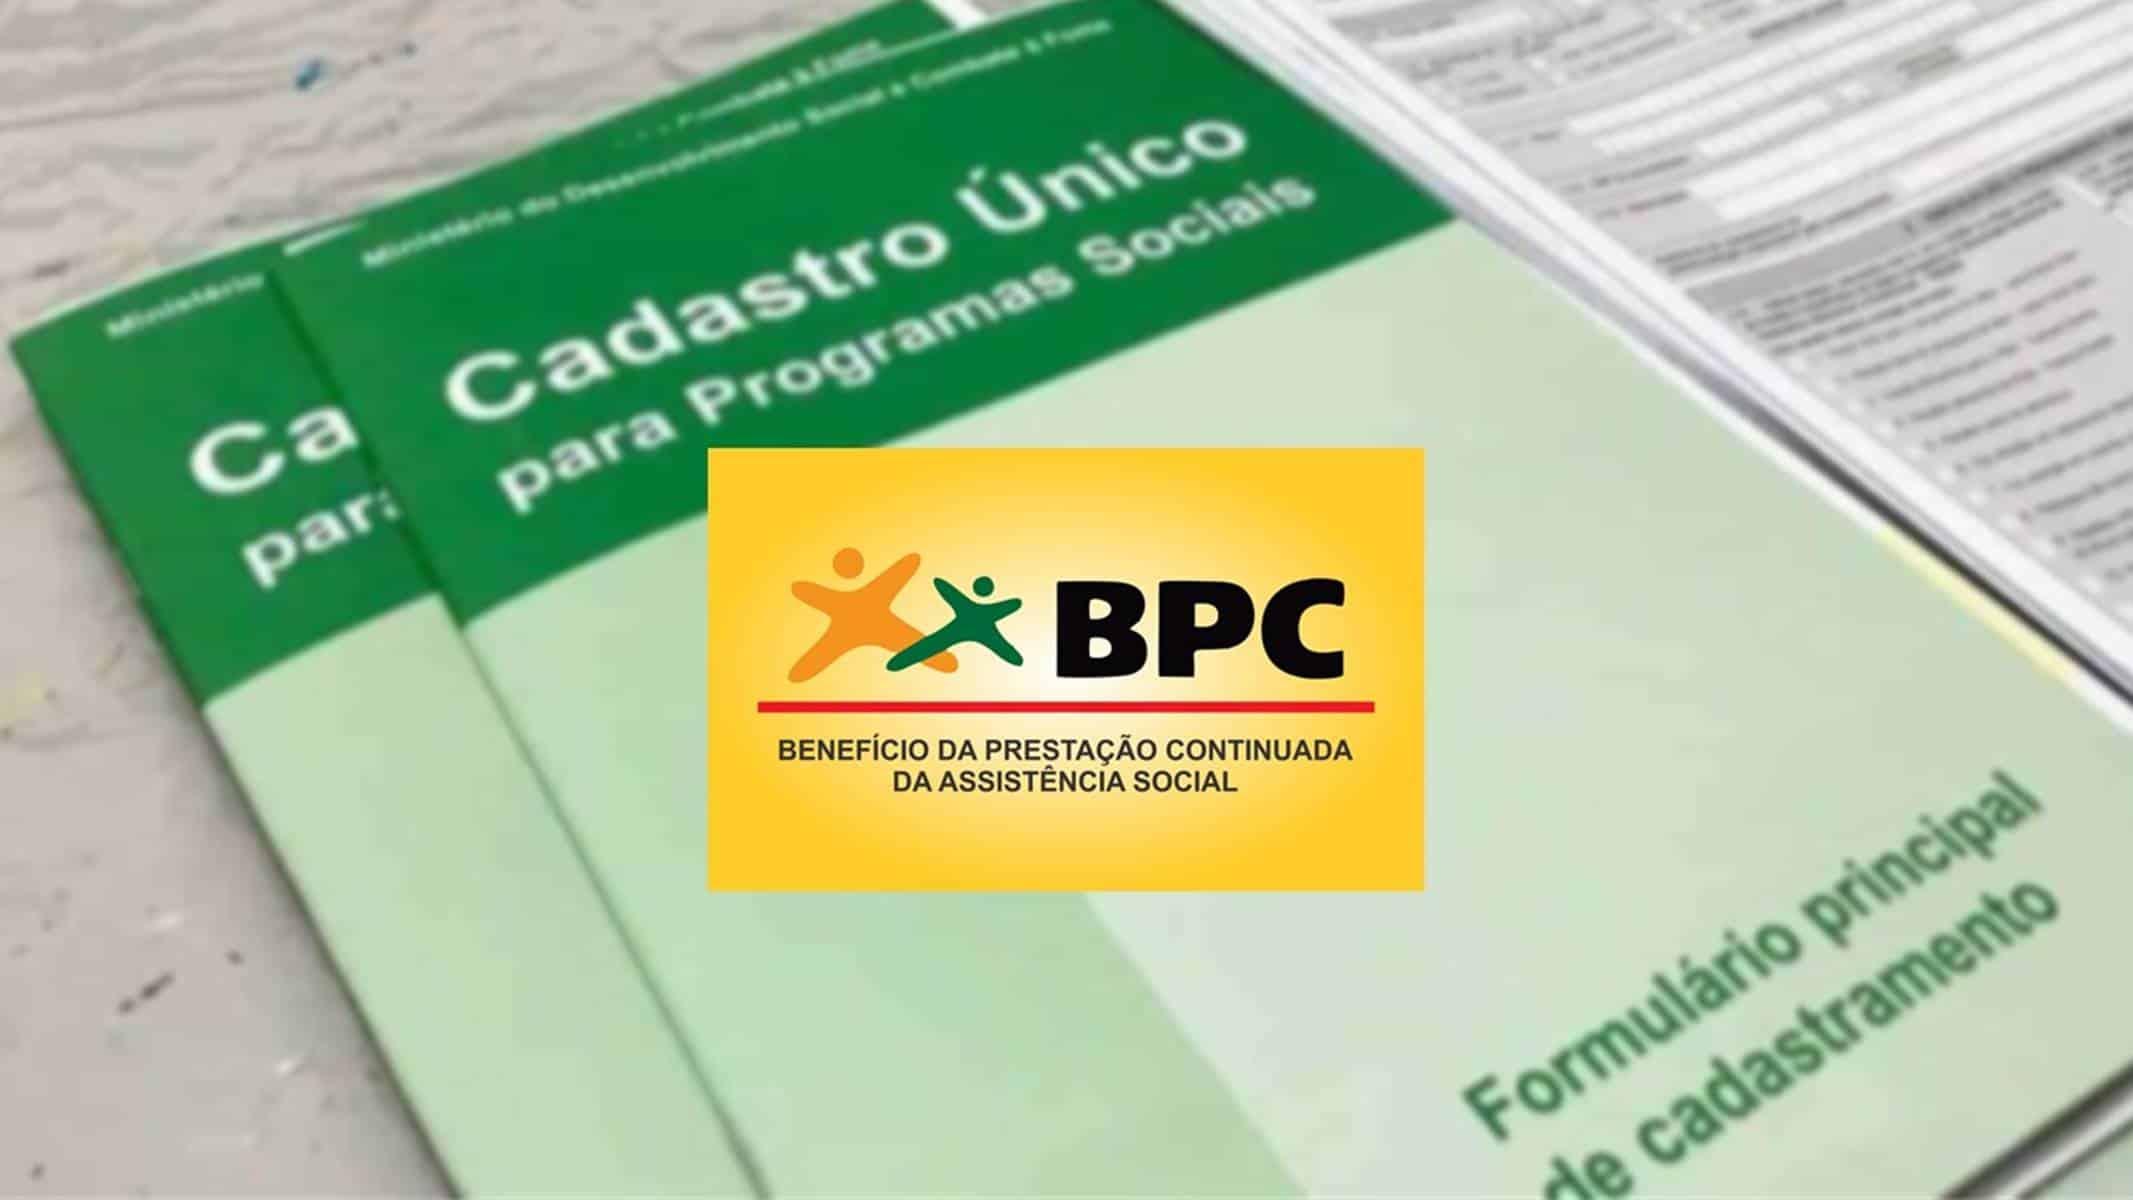 Novo prazo de suspensão do BPC no Cadastro Único começa semana que vem